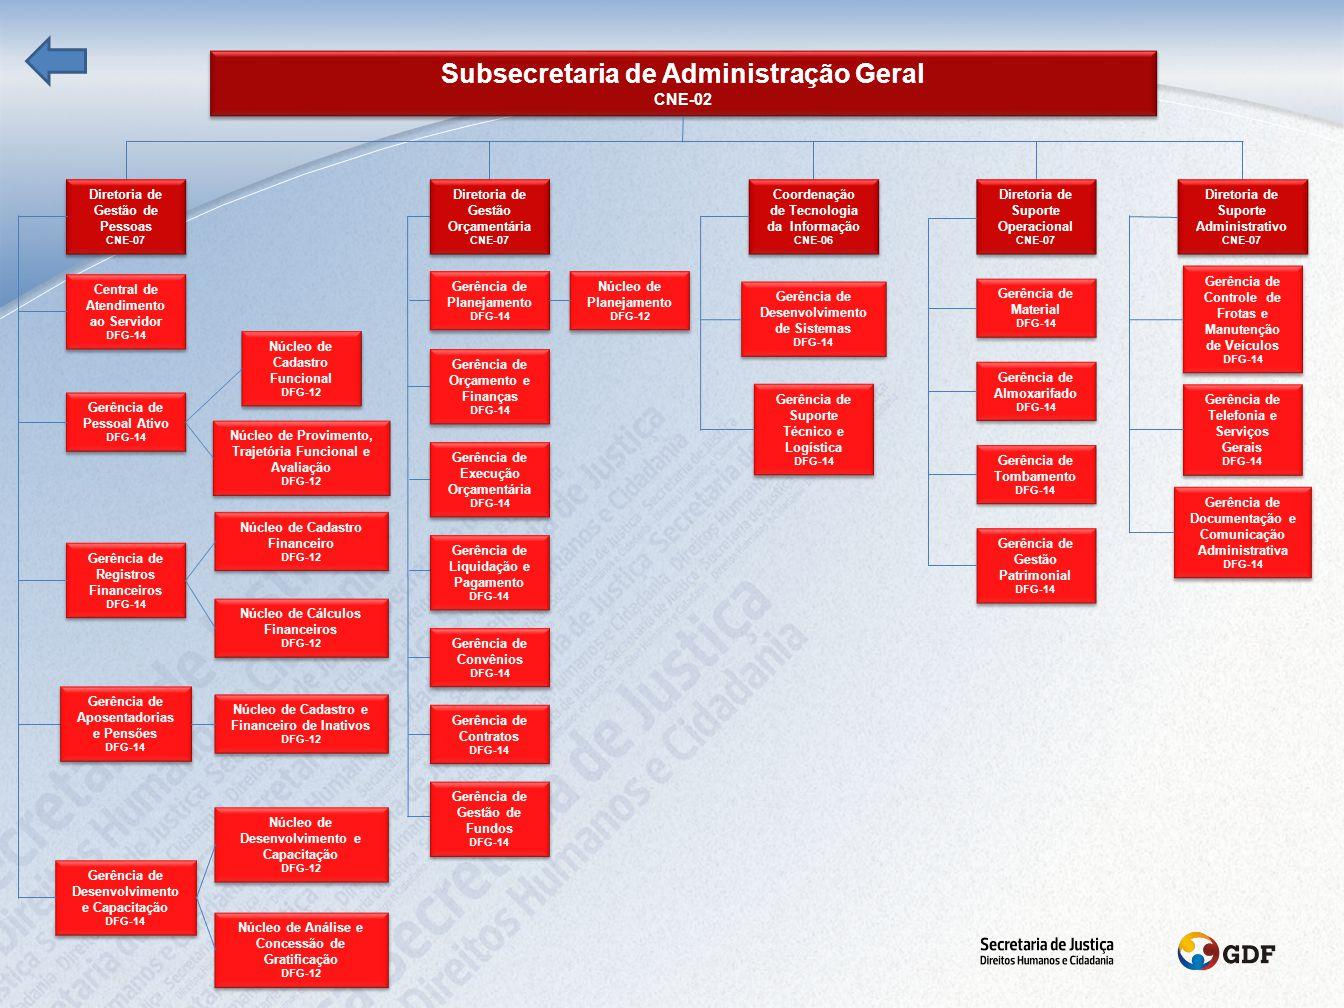 Coordenação de Atendimento Externo CNE-06 Coordenação de Atendimento Externo CNE-06 Coordenação de Assistência Social CNE-06 Coordenação de Assistência Social CNE-06 Coordenação de Atendimento Jurídico CNE-06 Coordenação de Atendimento Jurídico CNE-06 Gerência de Sistematização e Ampliação de Unidades DFG-14 Gerência de Sistematização e Ampliação de Unidades DFG-14 Subsecretaria de Proteção às Vítimas de Violência CNE-02 Subsecretaria de Proteção às Vítimas de Violência CNE-02 Gerência de Proteção às Vítimas de Violência Paranoá DFG-14 Gerência de Proteção às Vítimas de Violência Paranoá DFG-14 Gerência de Proteção às Vítimas de Violência SEDE DFG-14 Gerência de Proteção às Vítimas de Violência SEDE DFG-14 Gerência de Proteção às Vítimas de Violência 114 Sul DFG-14 Gerência de Proteção às Vítimas de Violência 114 Sul DFG-14